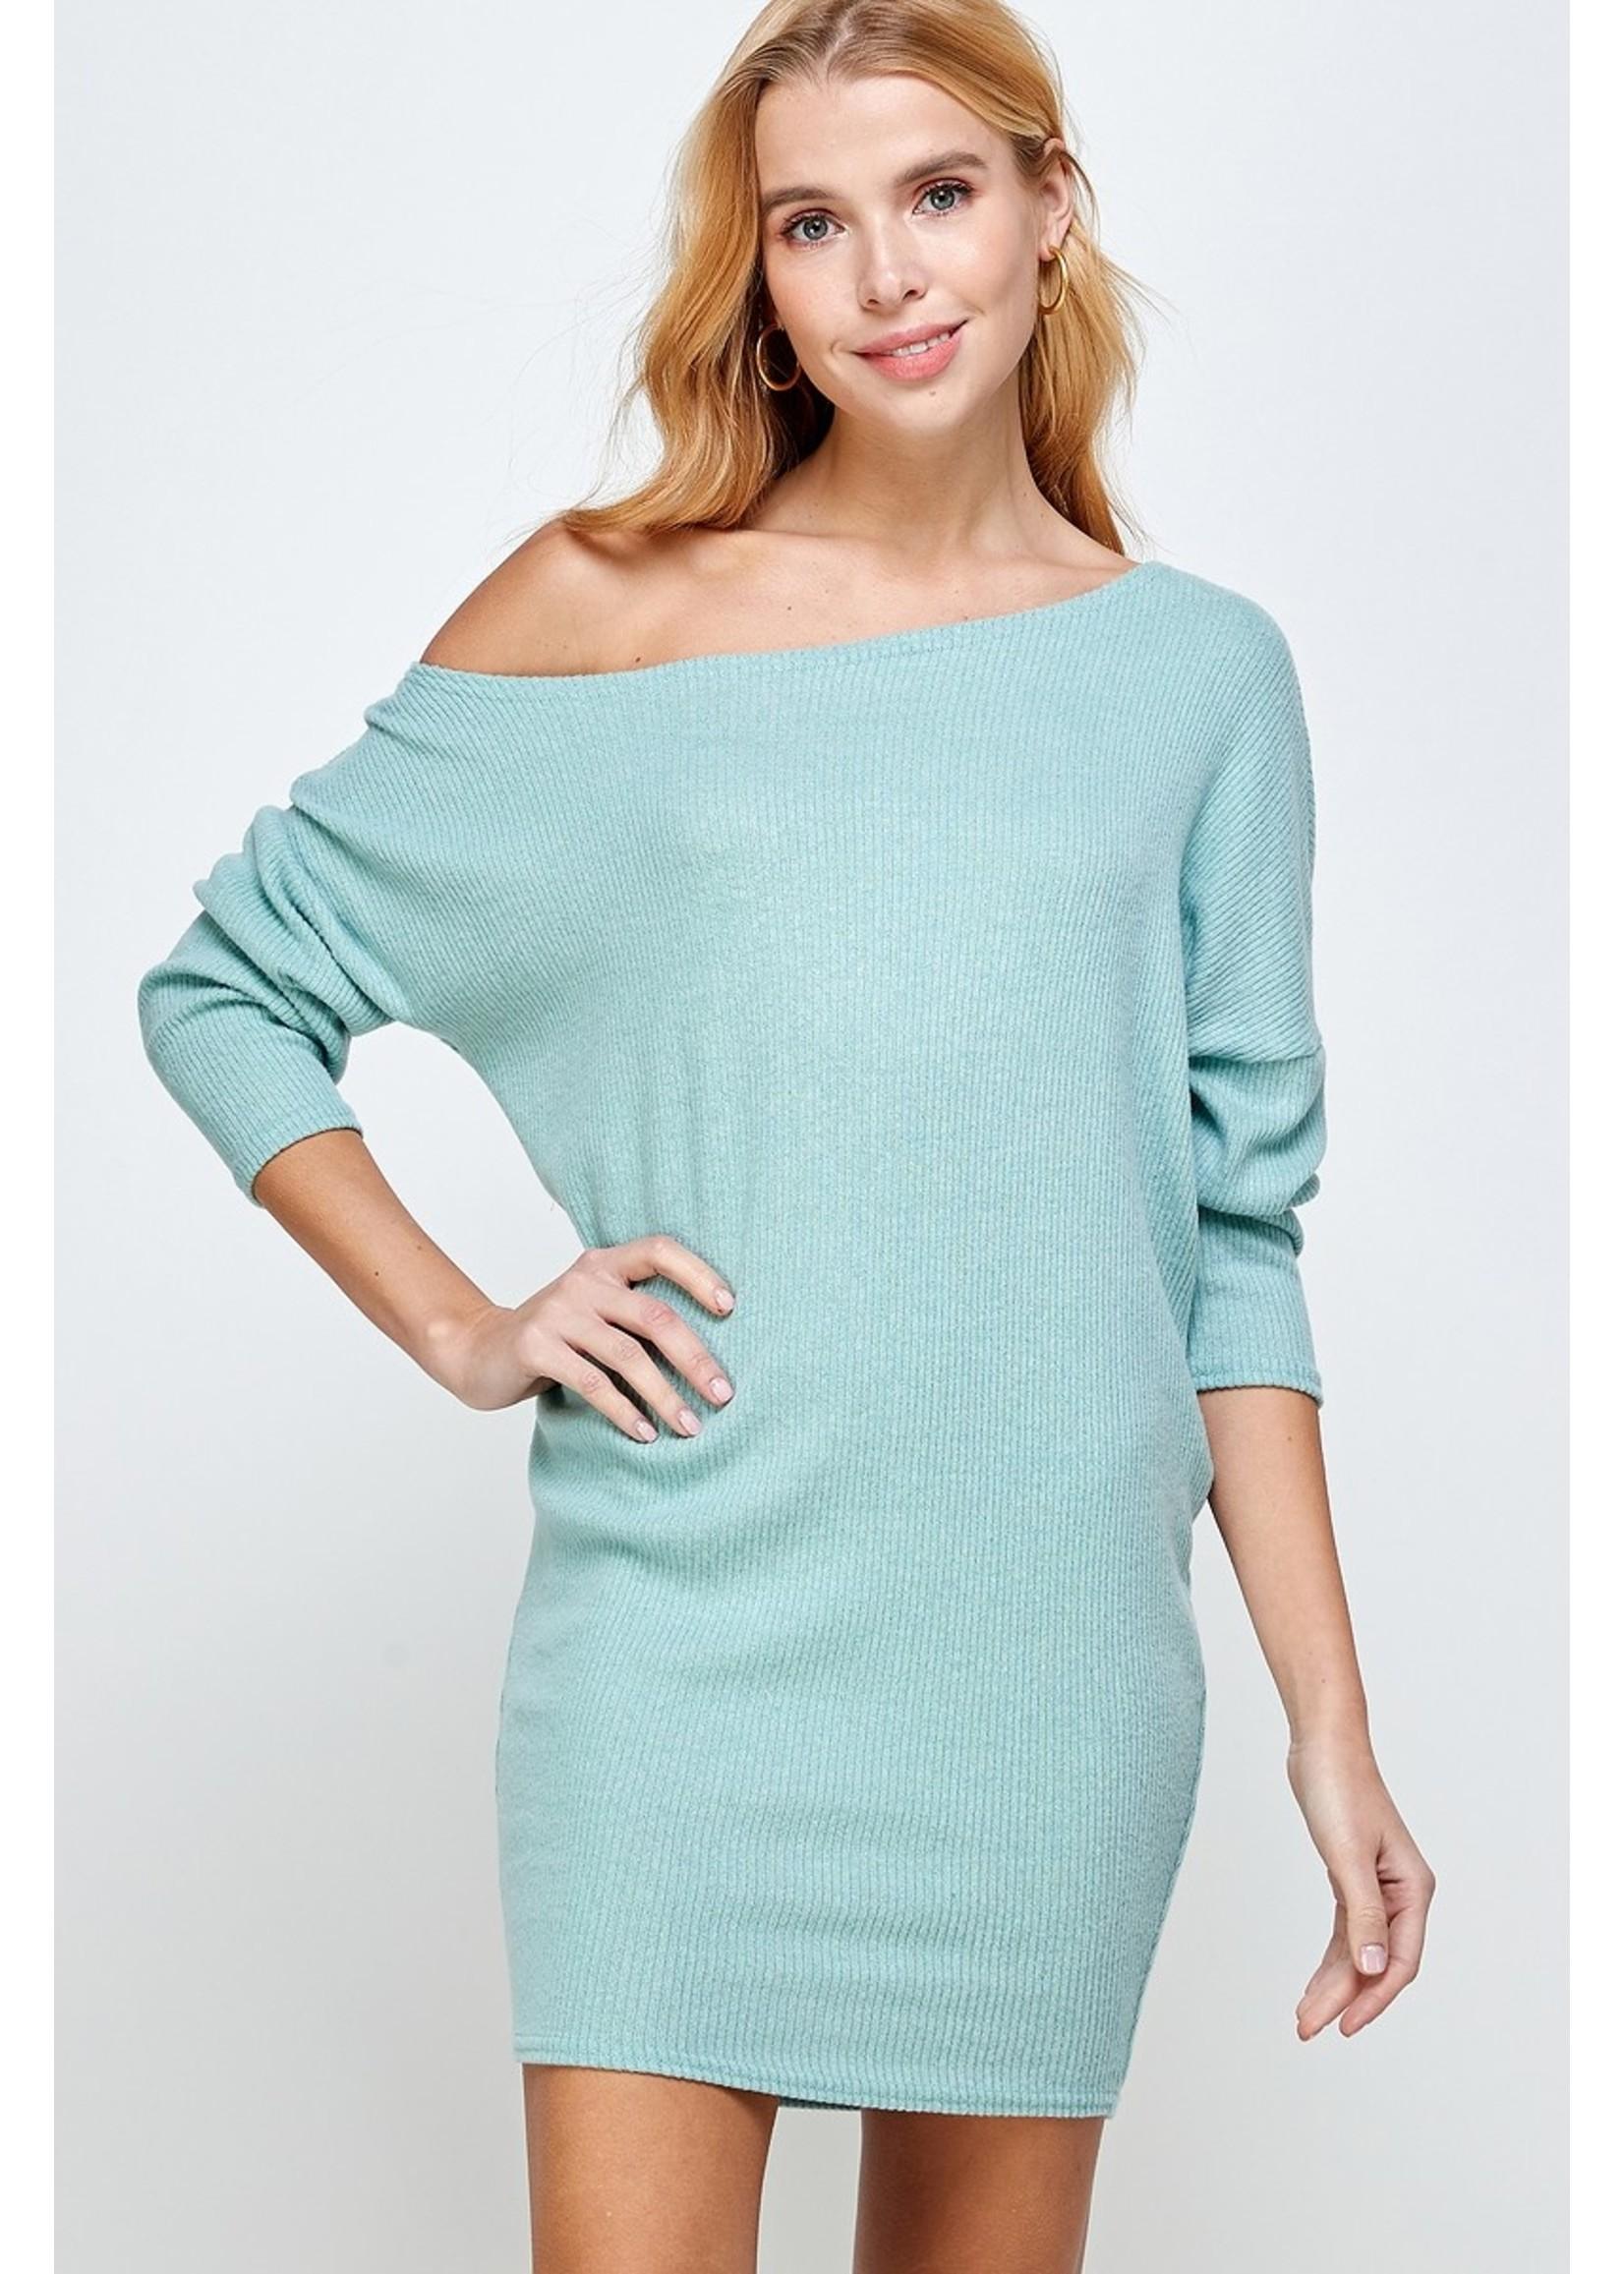 Sung Light Clothing Caileigh Dress Mint